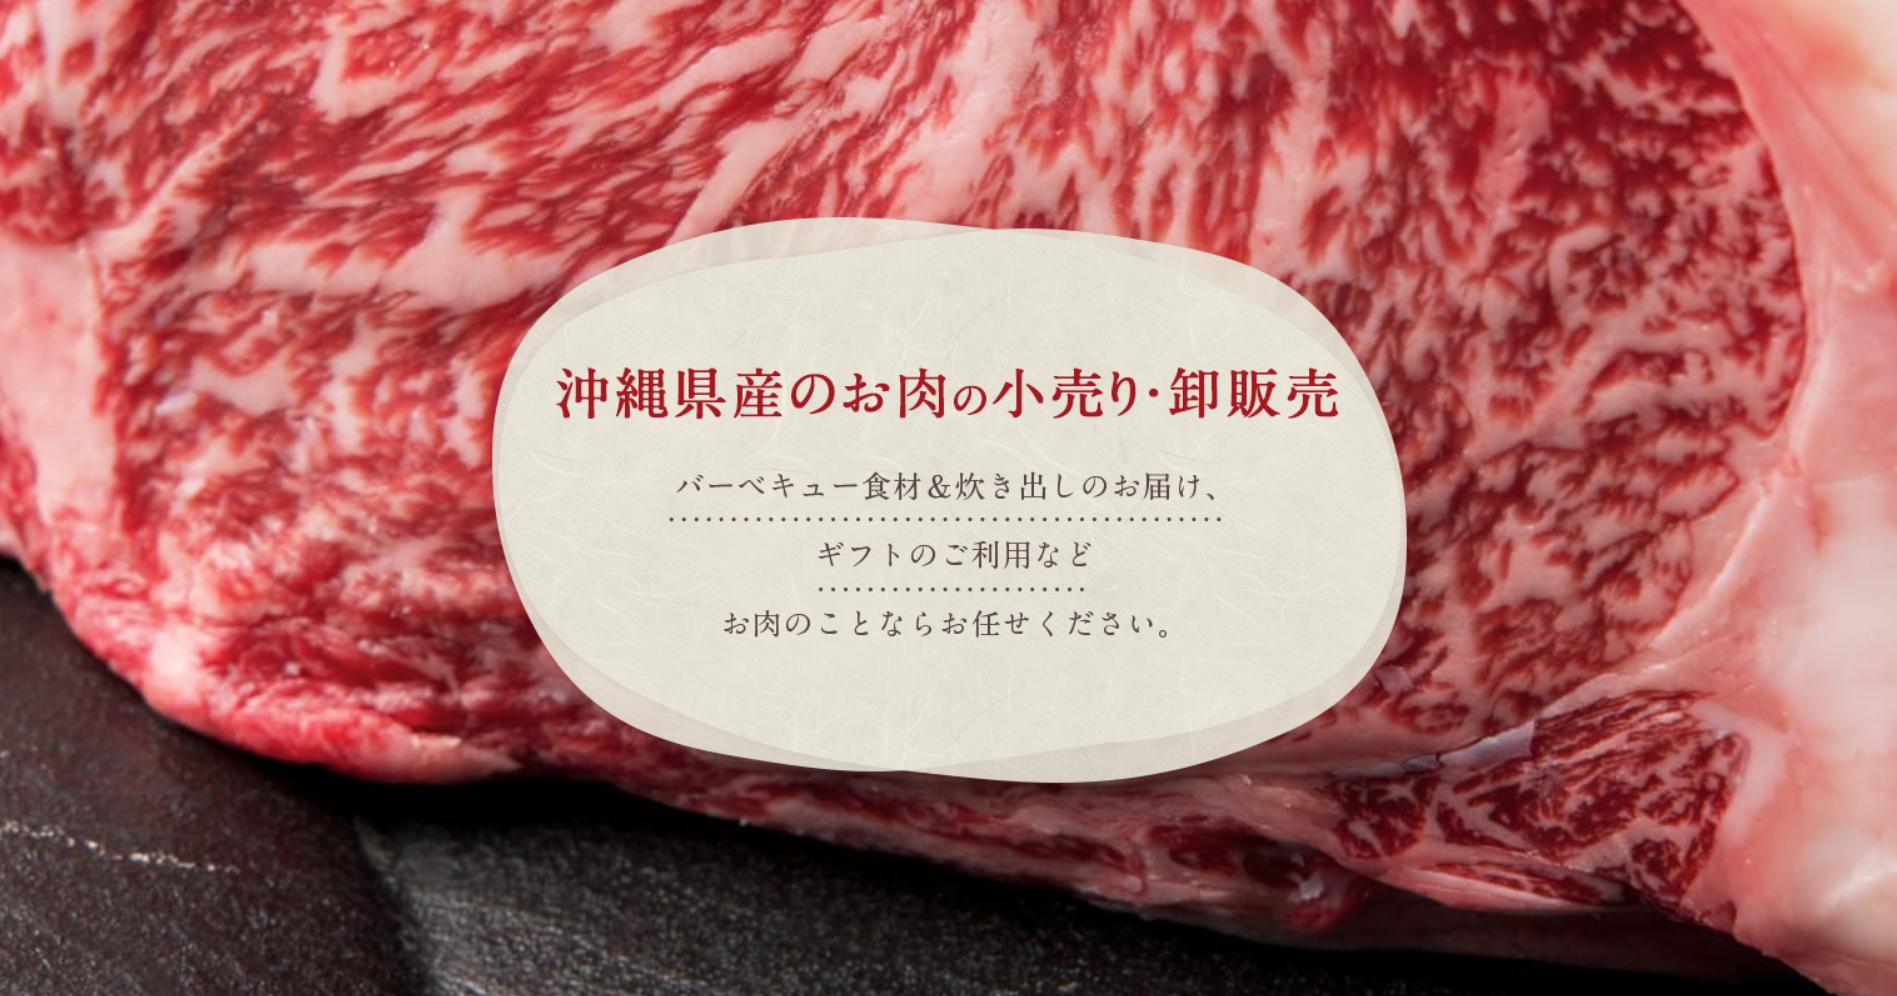 「フレッシュミートがなは」は、我那覇畜産生産のあぐー豚から県内生産の黒和牛までを取り扱う精肉店です。